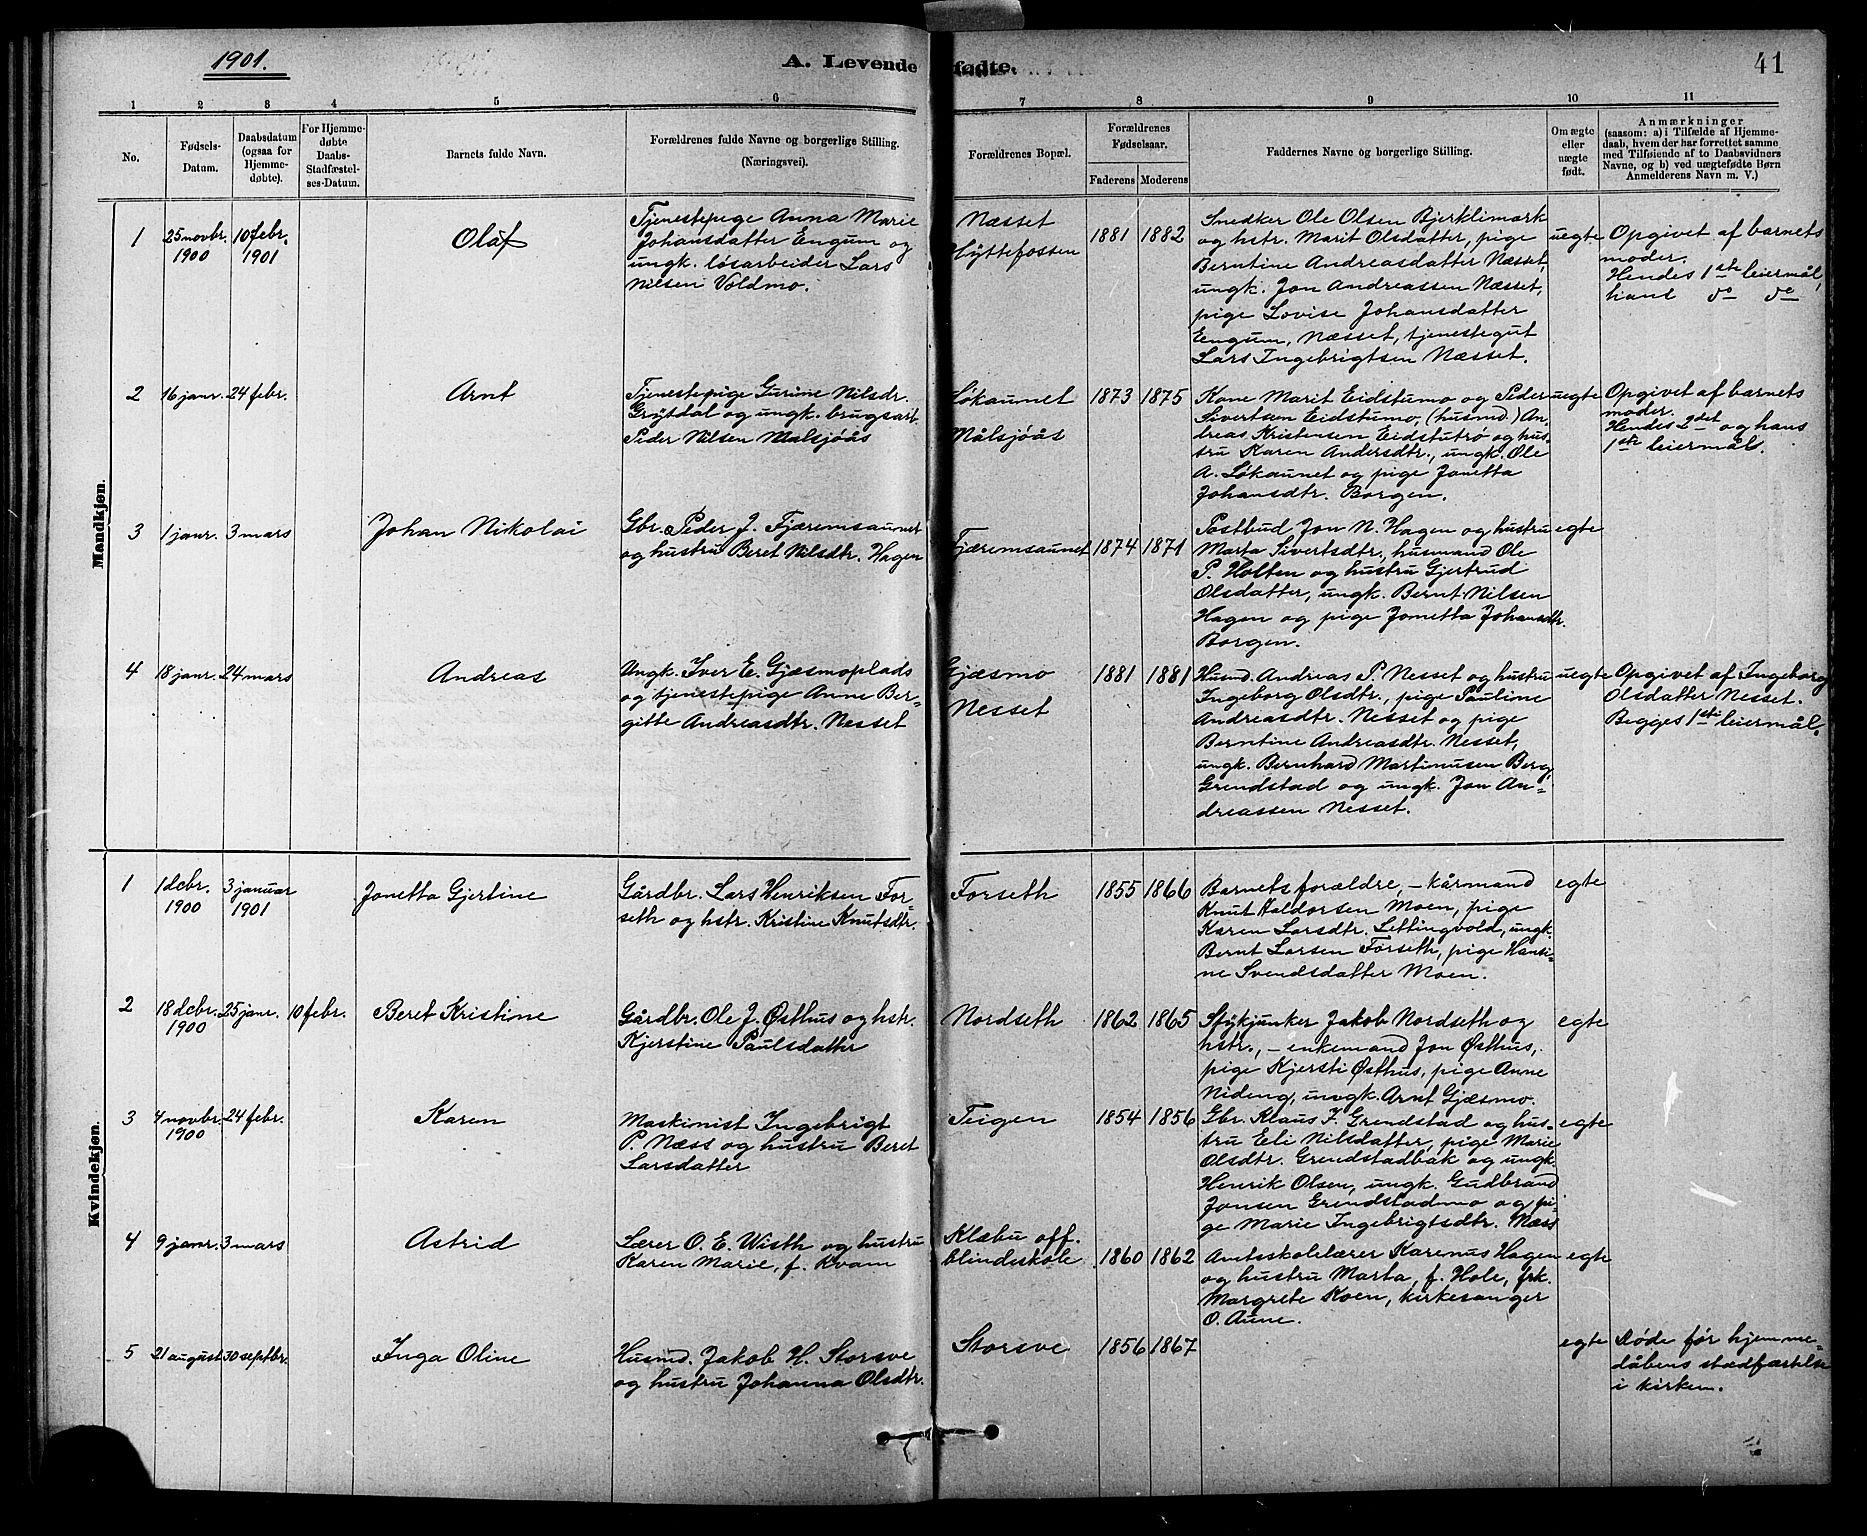 SAT, Ministerialprotokoller, klokkerbøker og fødselsregistre - Sør-Trøndelag, 618/L0452: Klokkerbok nr. 618C03, 1884-1906, s. 41